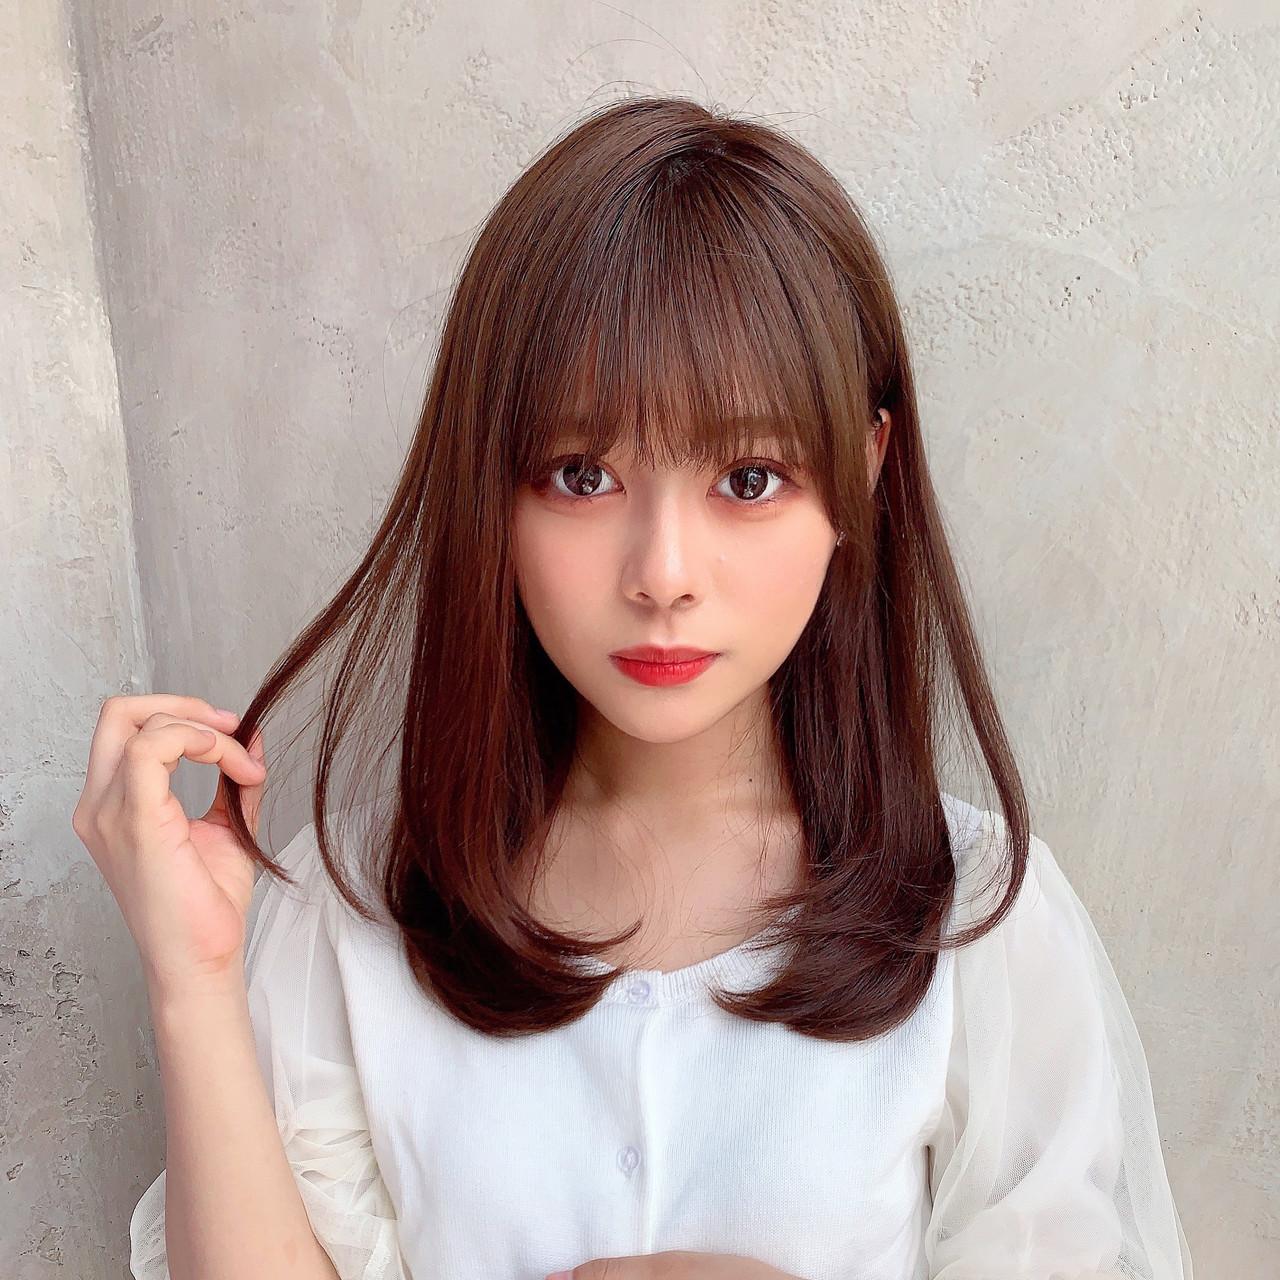 モテ髪 セミロング レイヤーロングヘア ナチュラル ヘアスタイルや髪型の写真・画像